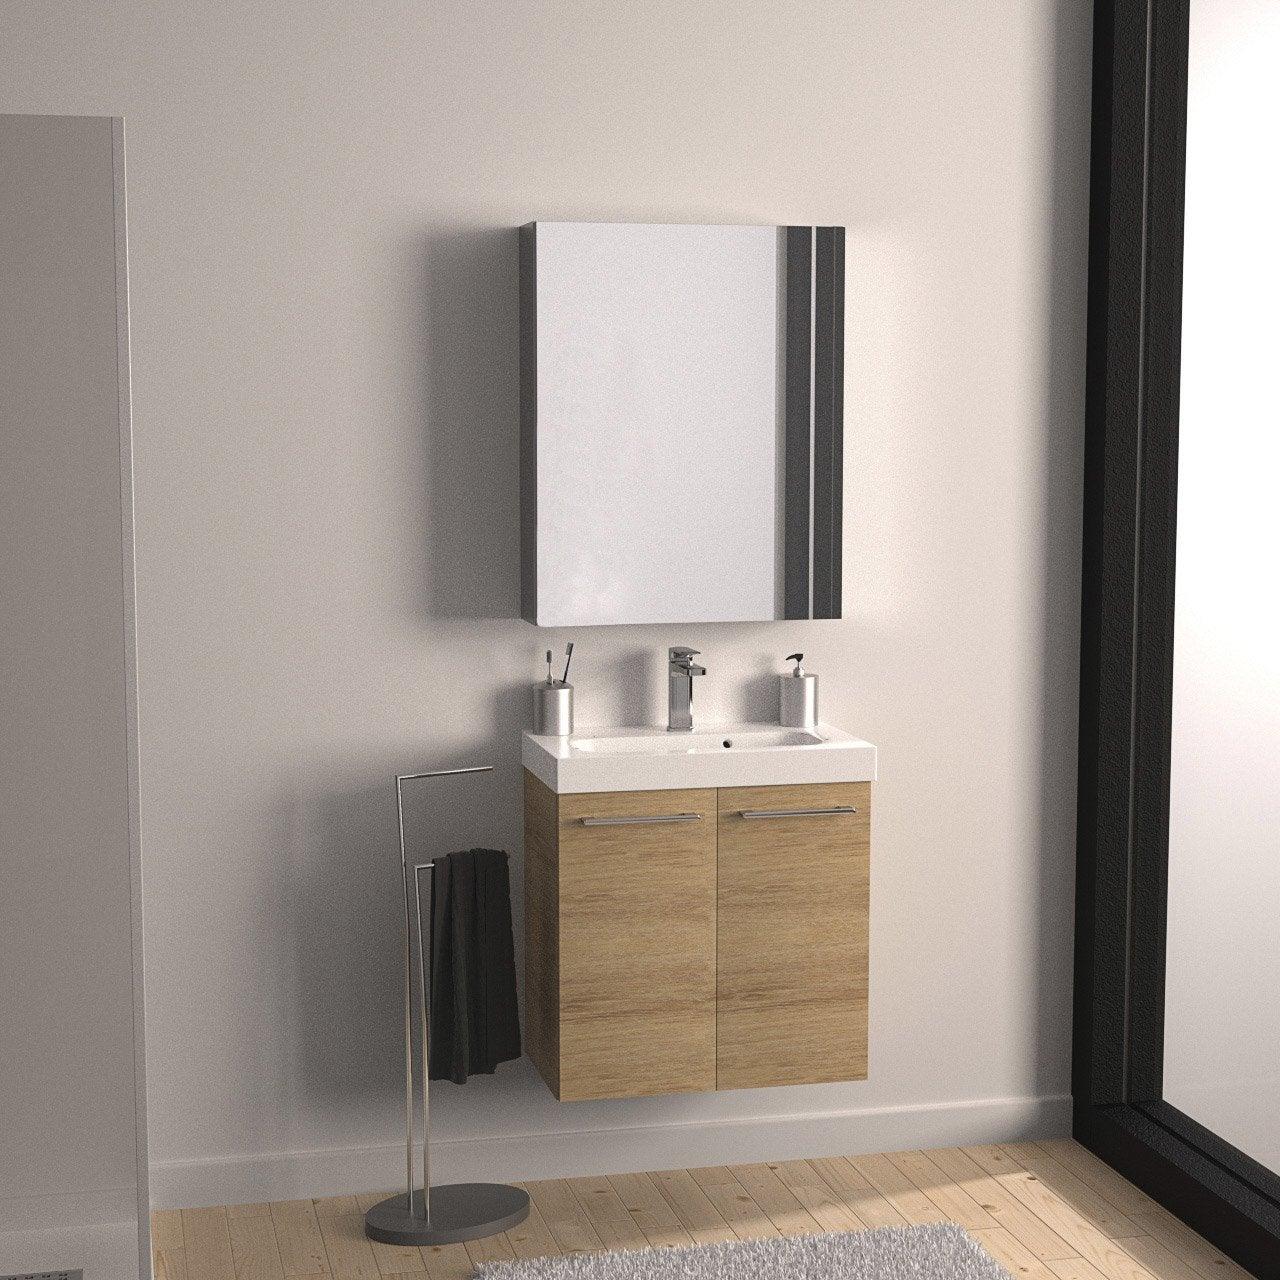 Meuble De Salle De Bains De à Marron Remix Leroy Merlin - Leroy meuble salle de bain pour idees de deco de cuisine